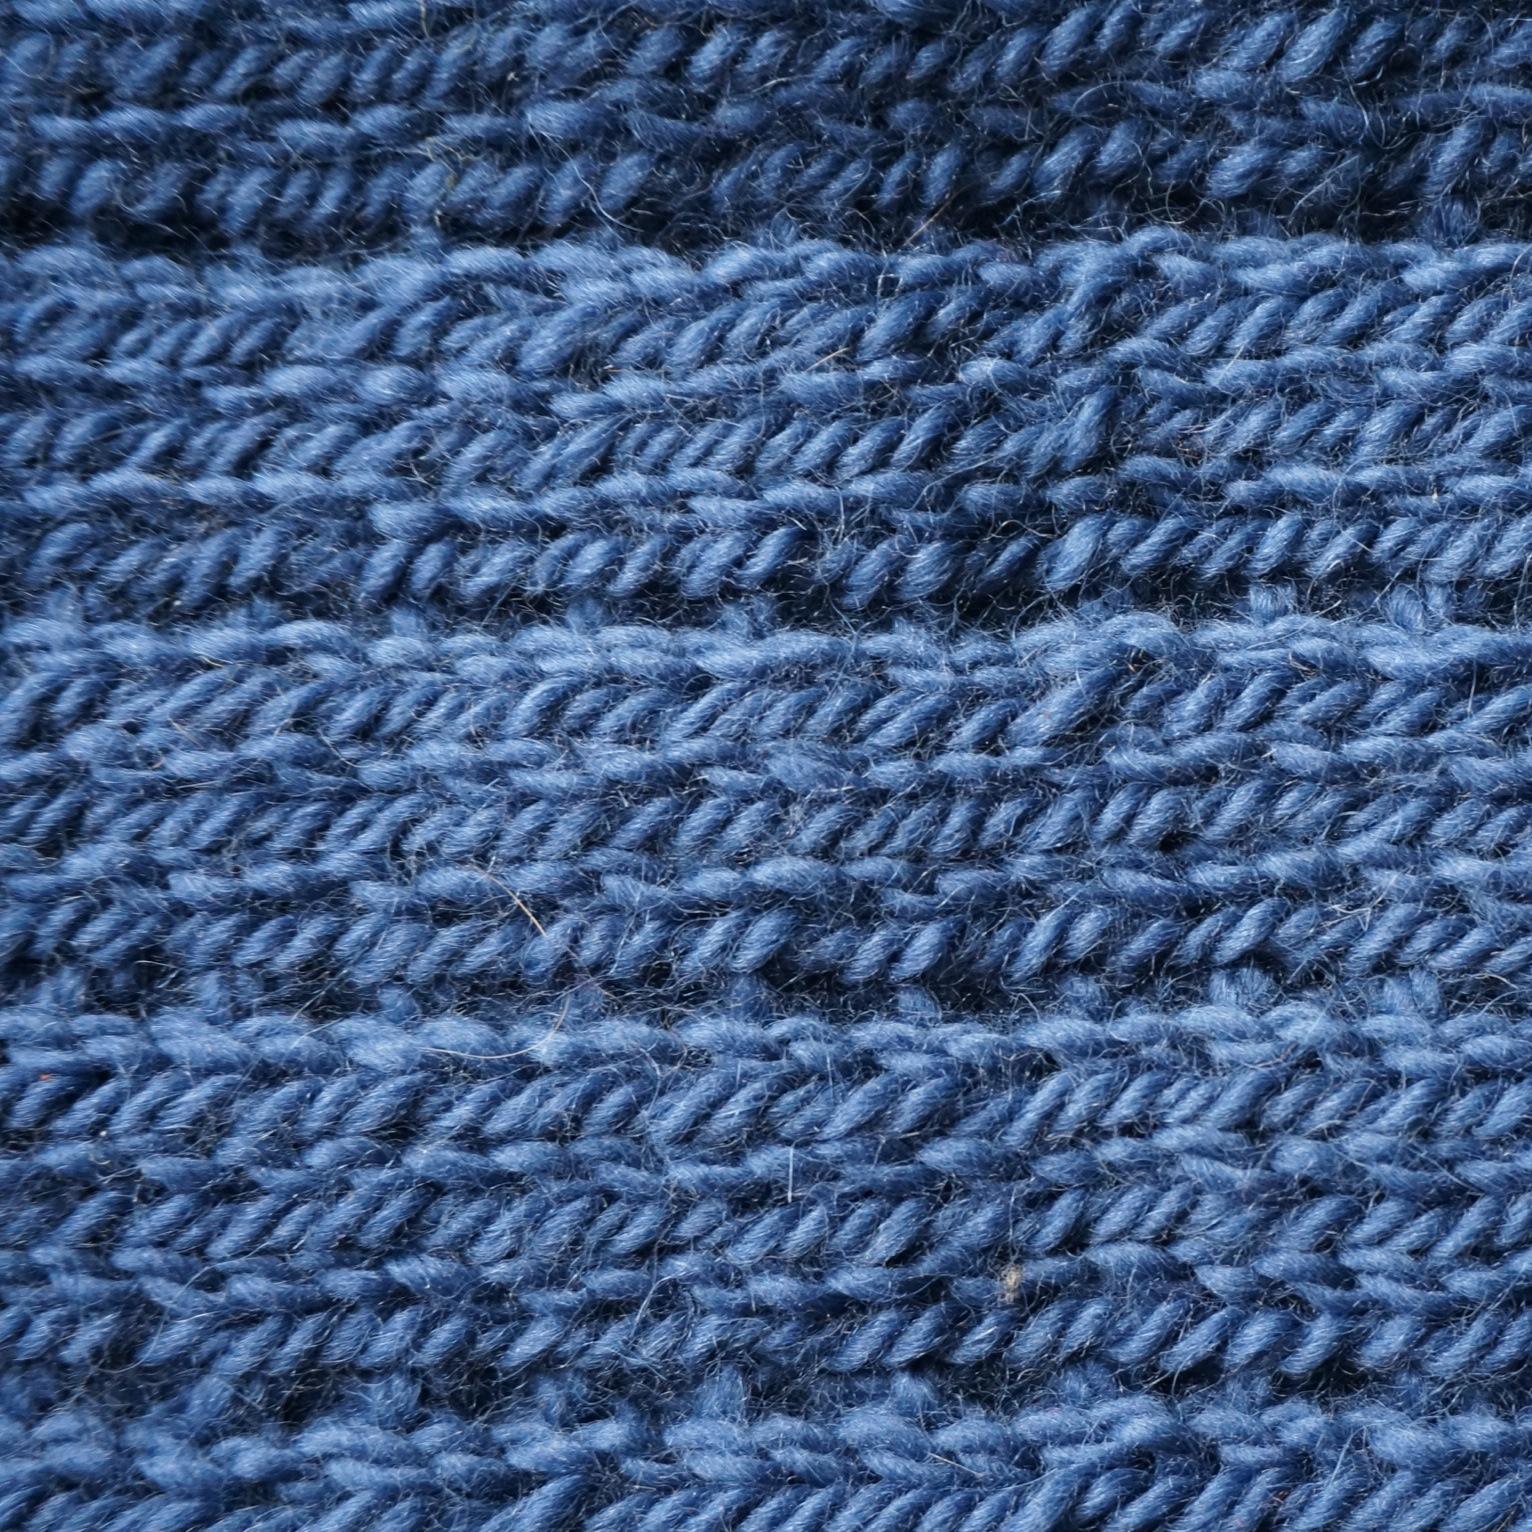 C est toi le tricot charlie les yeux bleus - Point fantaisie tricot phildar ...